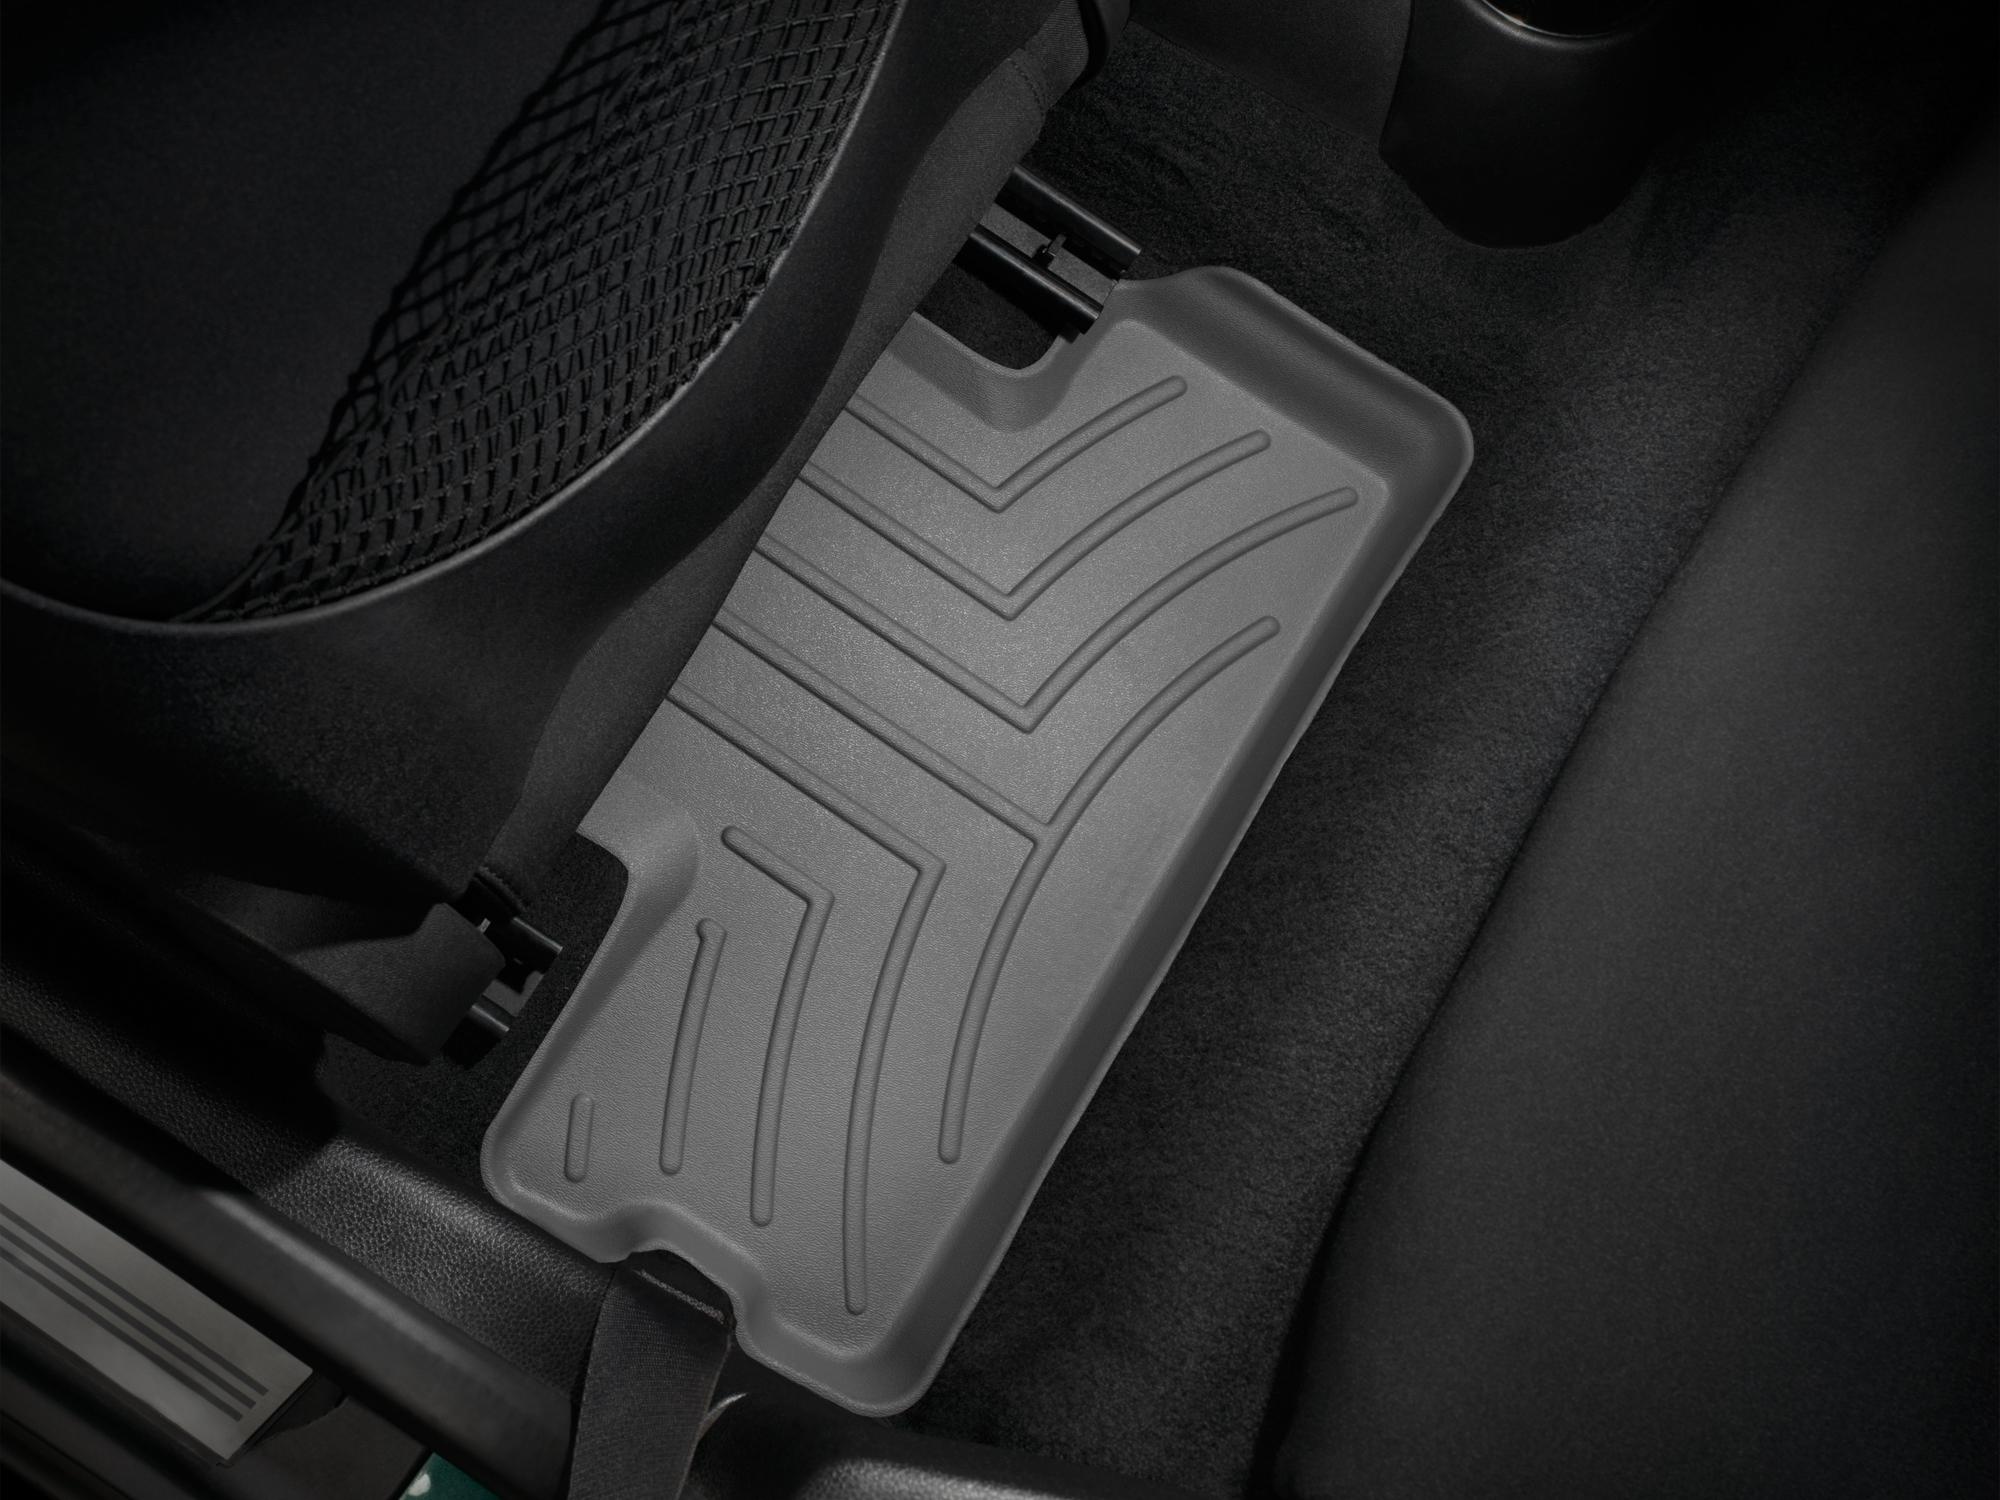 Tappeti gomma su misura bordo alto MINI Coupe 12>15 Grigio A2704